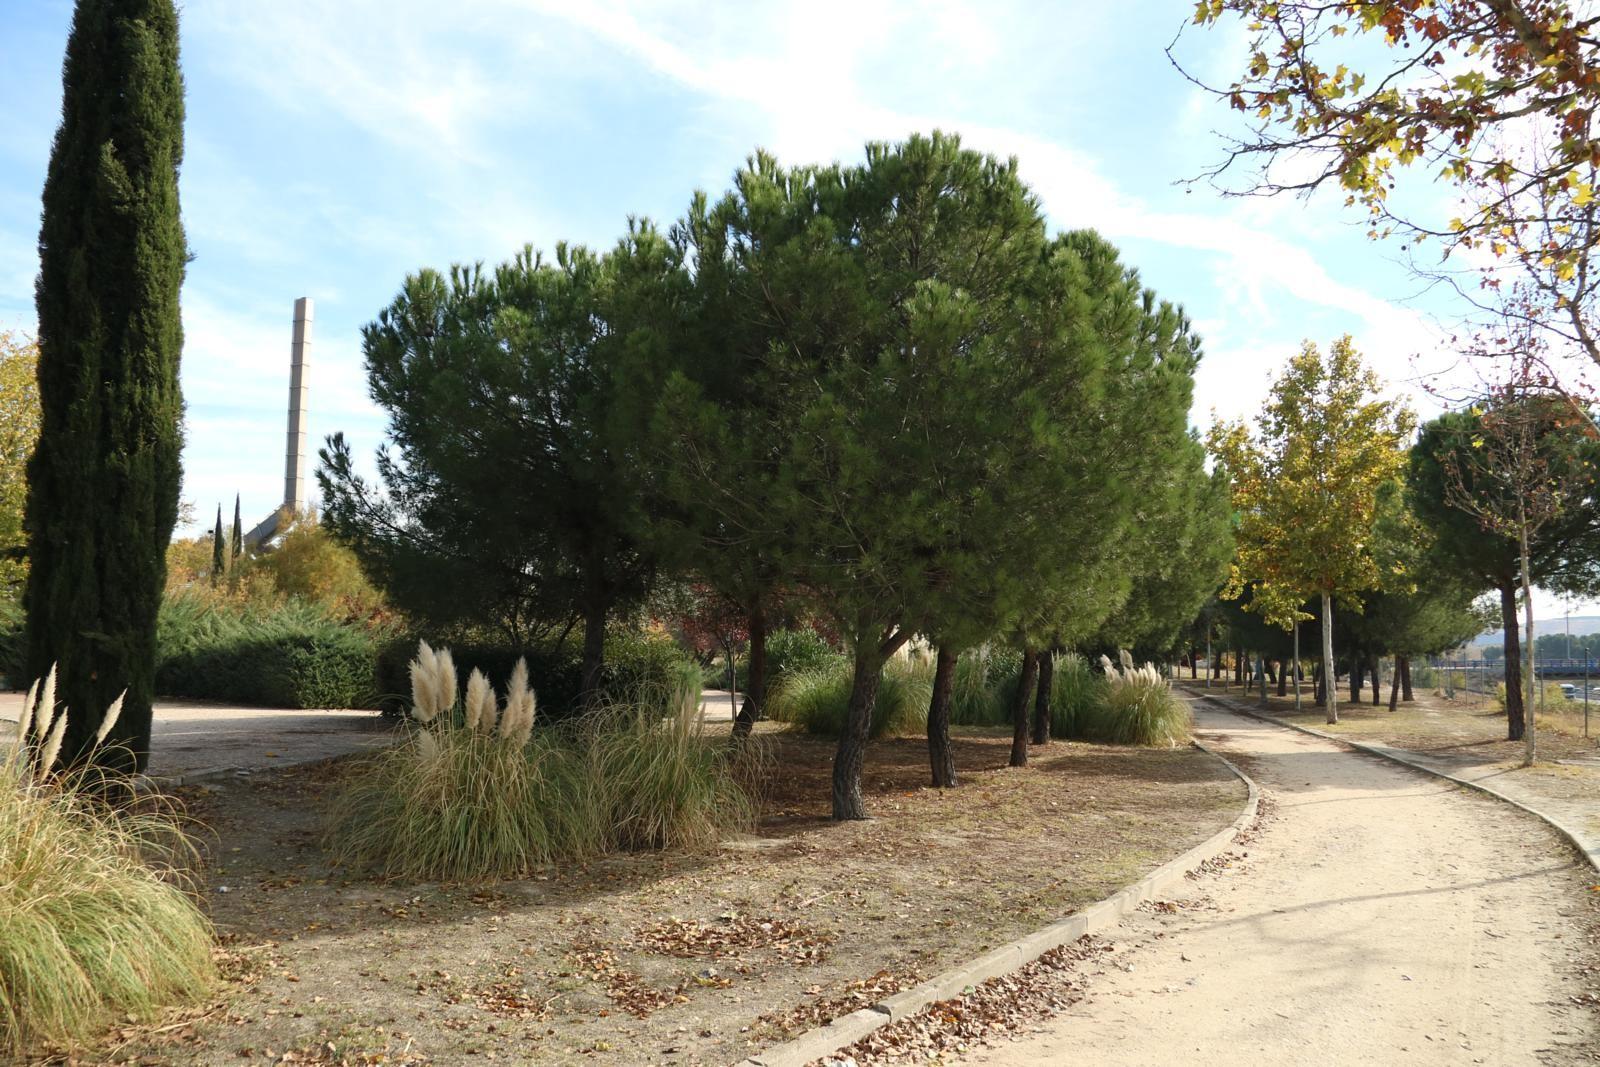 Recorrido de la propuesta de ciclovía entre el Retiro y la Vía Verde del Tajuña. Parque de Montarco (Fuente: Asociación Ciclovía).